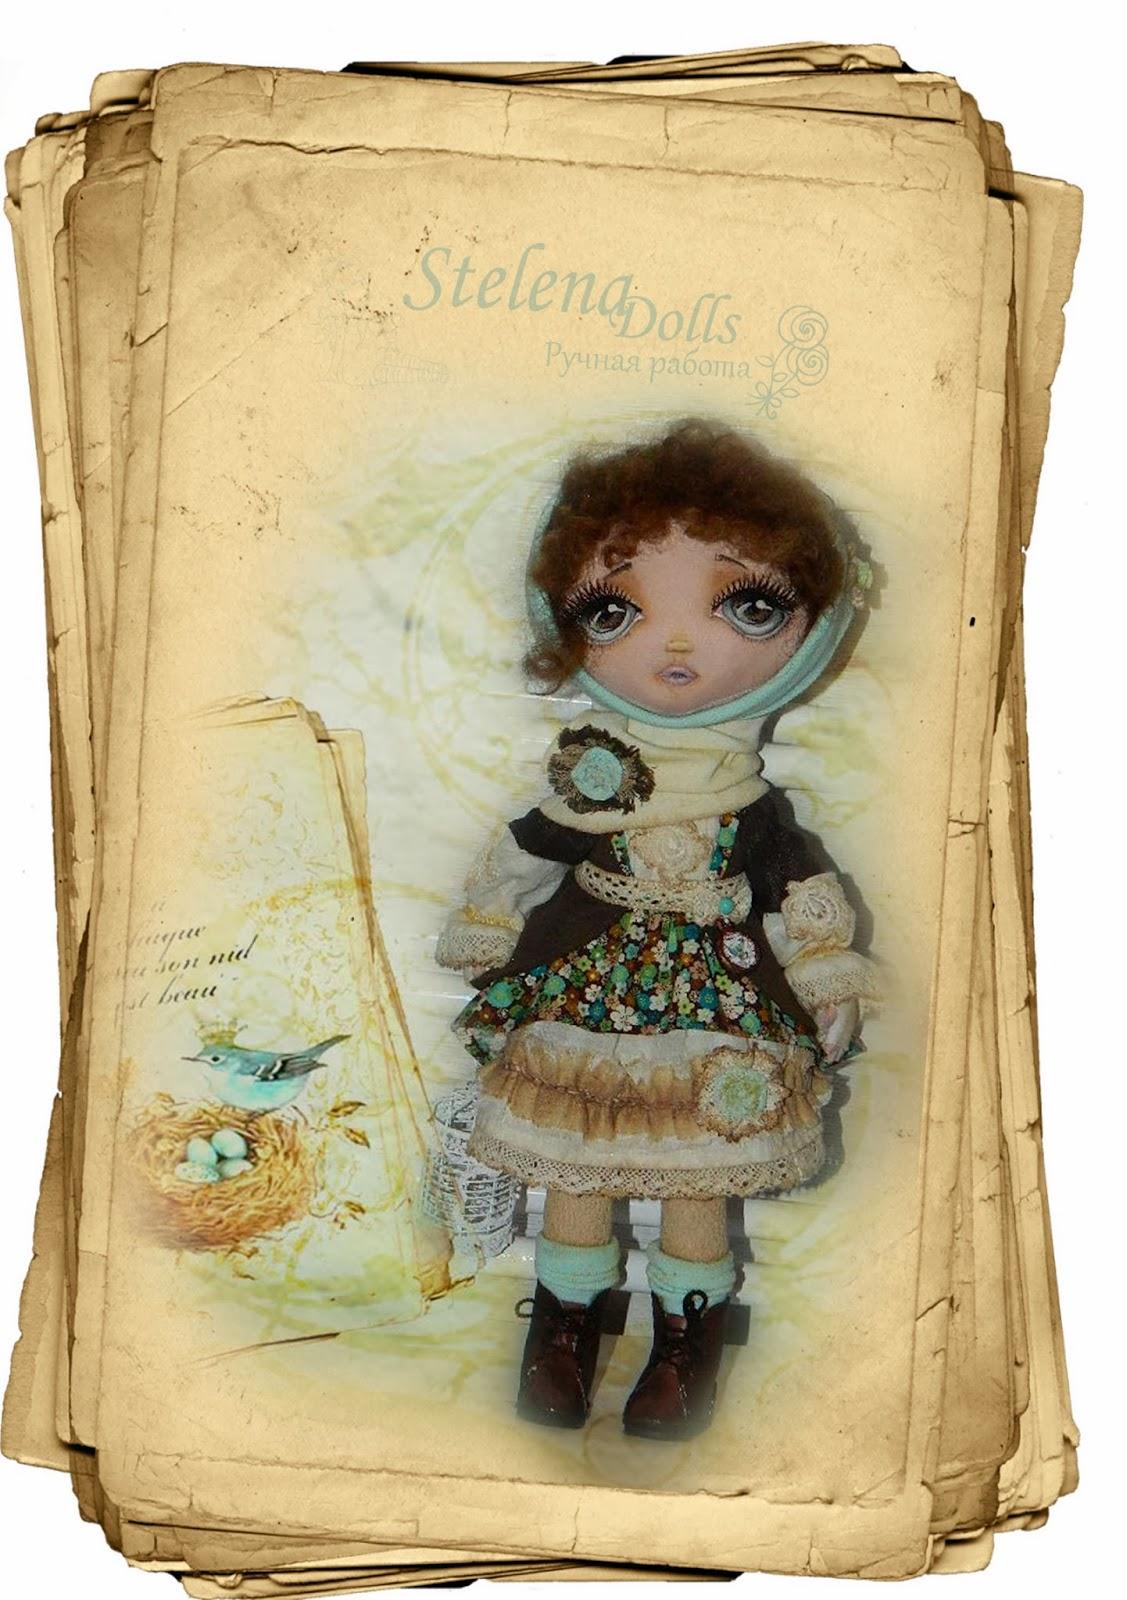 Паспорт тукстильной куклы